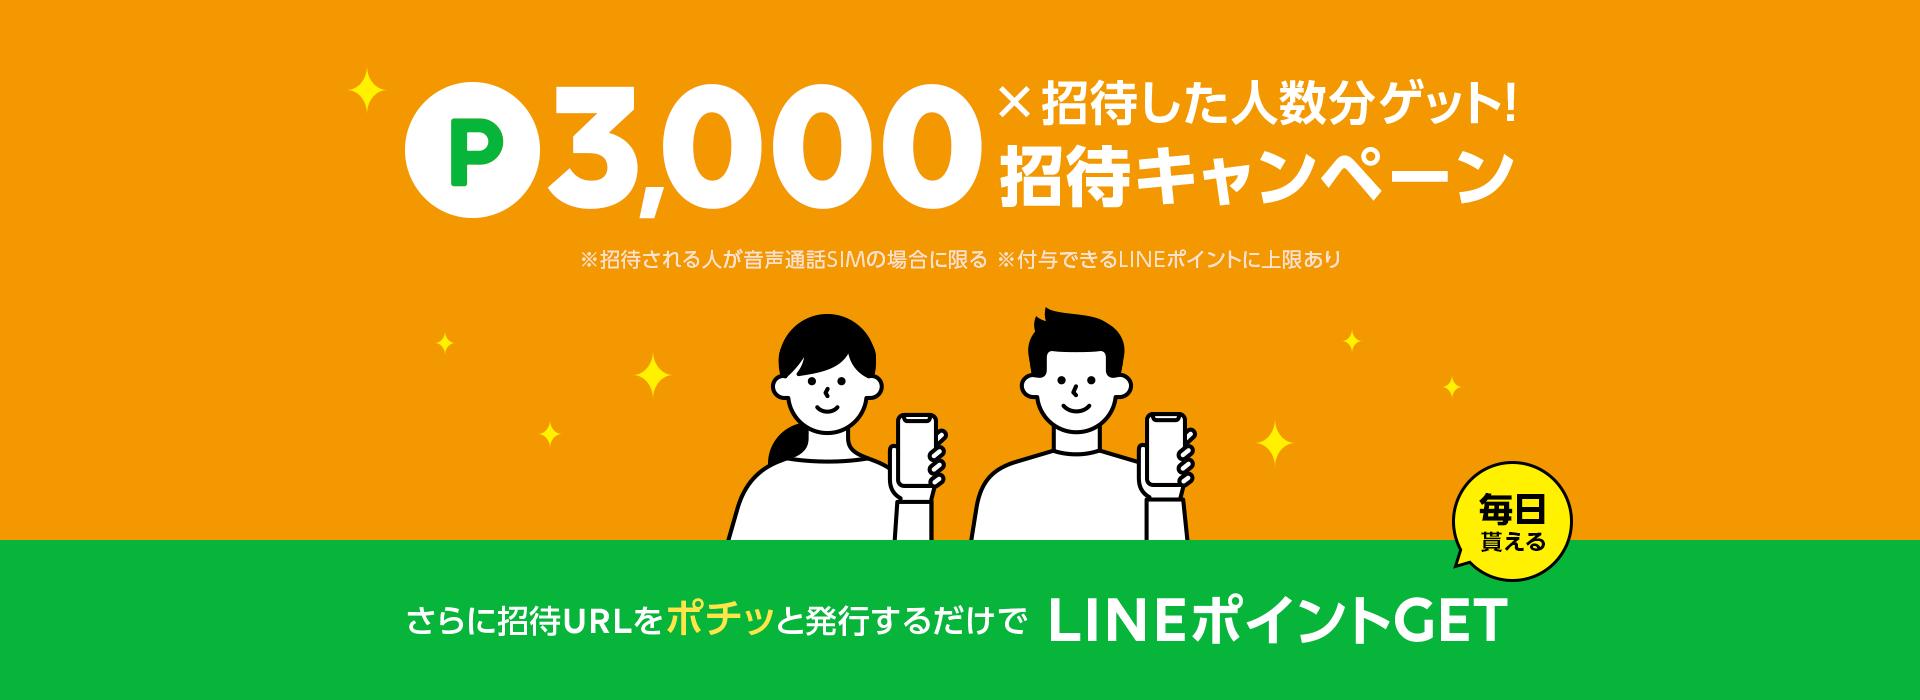 LINEモバイル友達招待キャンペーン